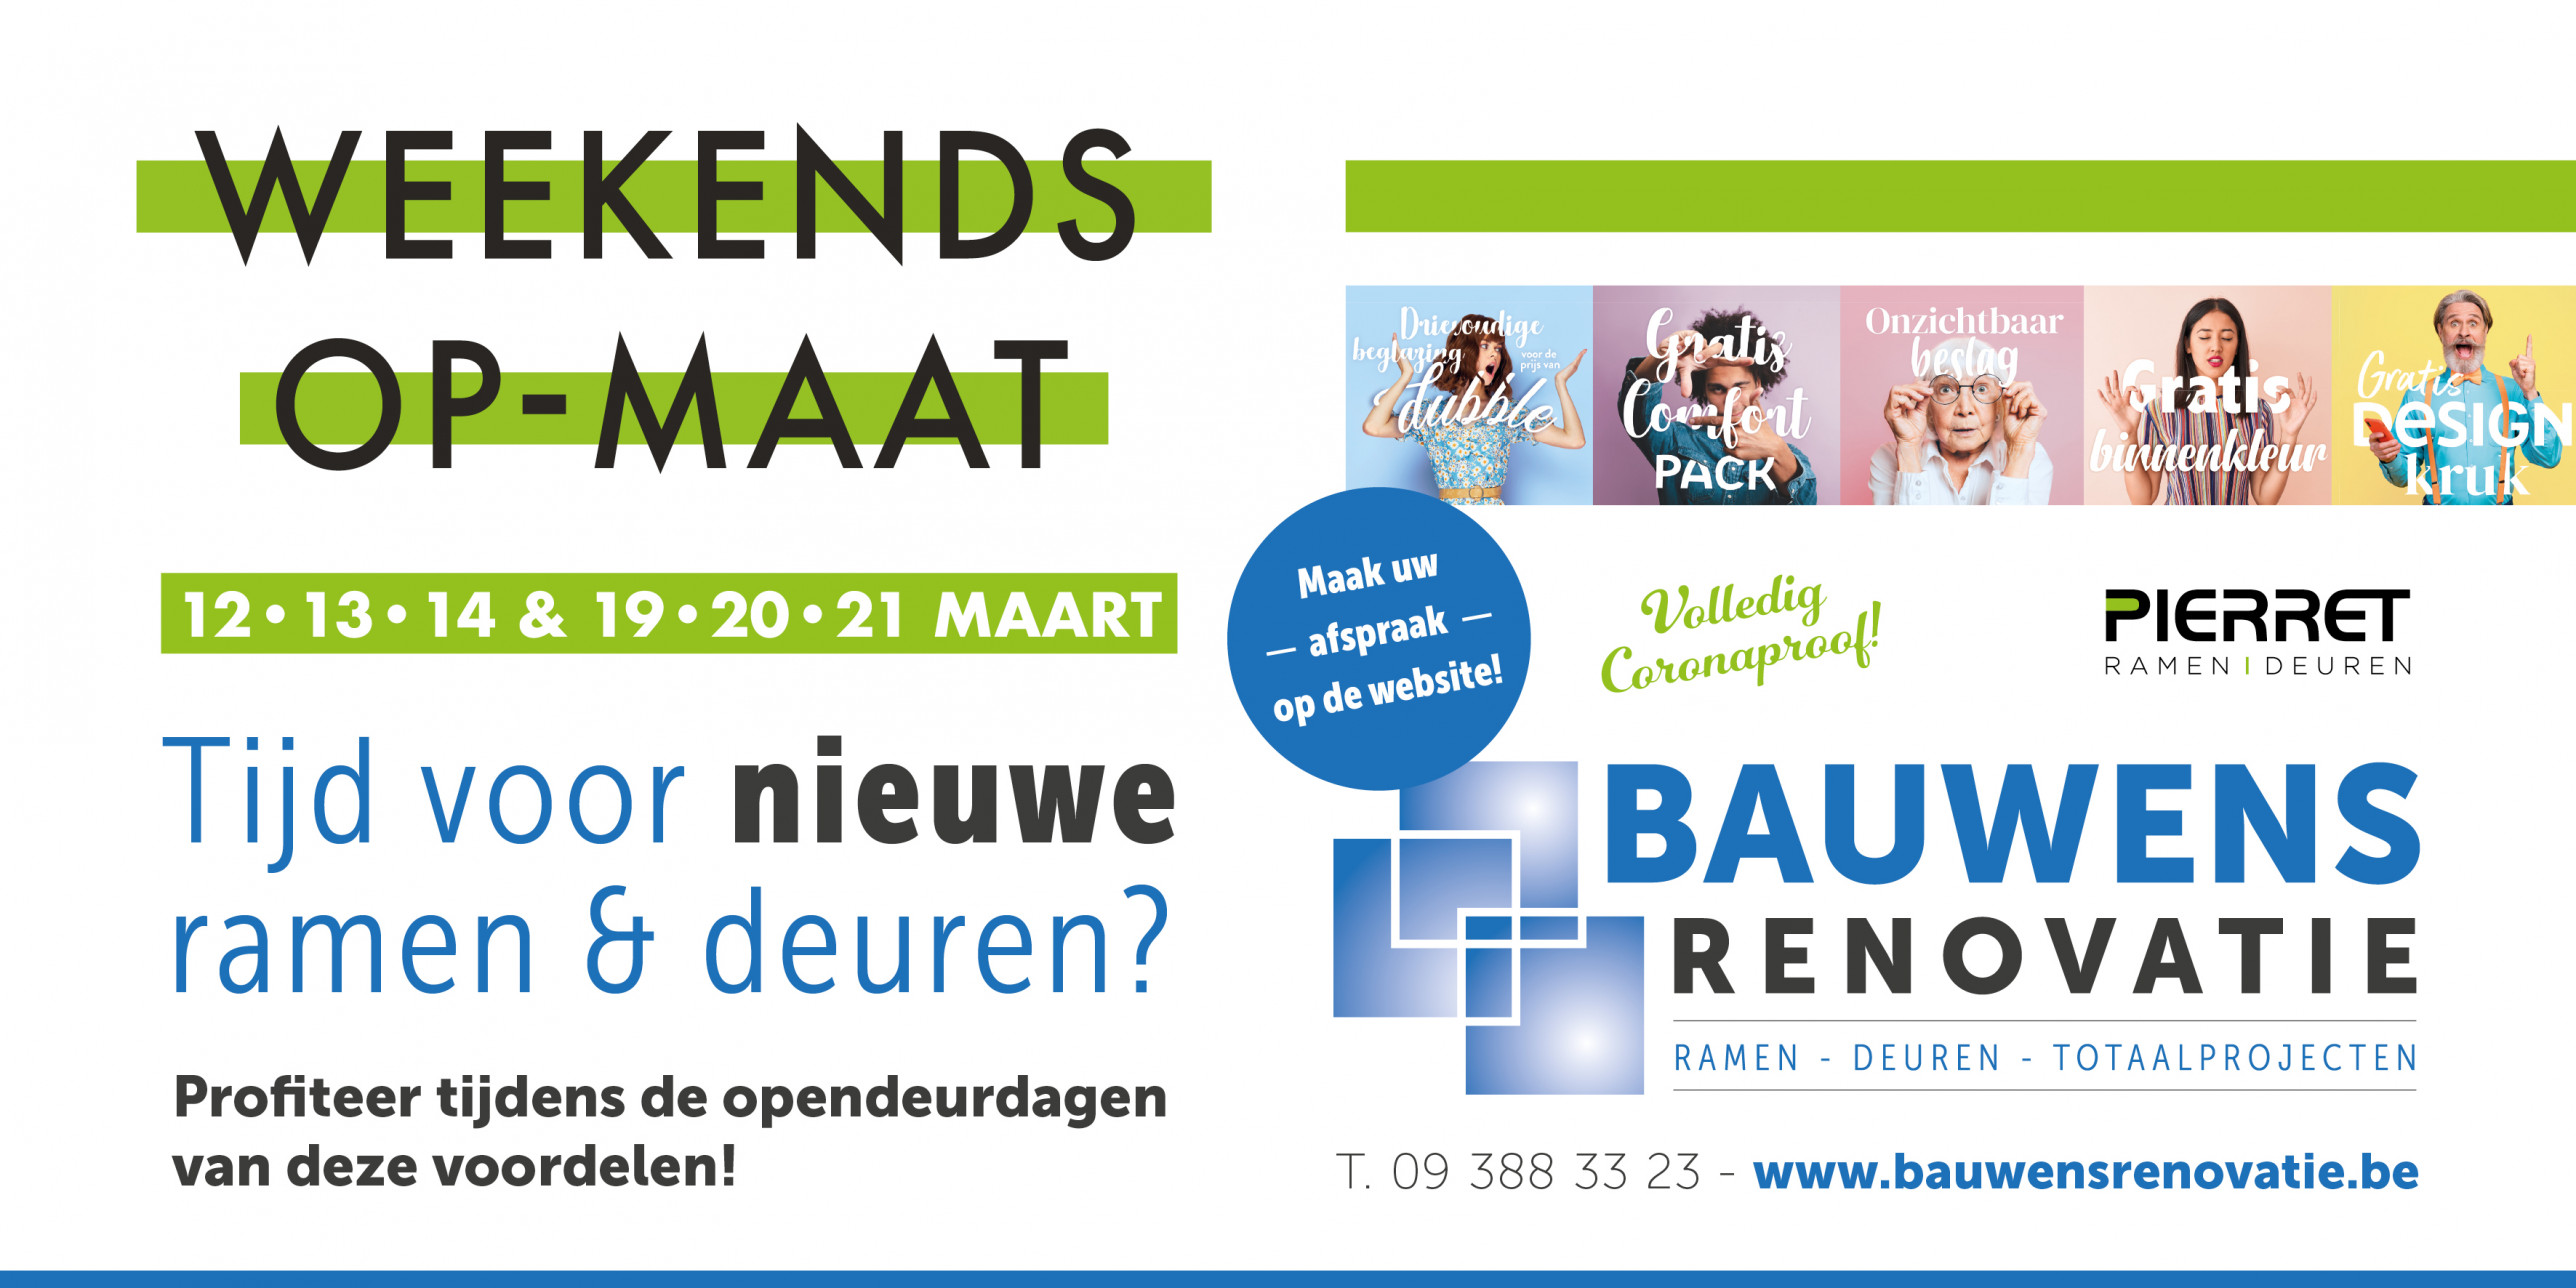 Bauwens-Weekends-op-maat.jpg